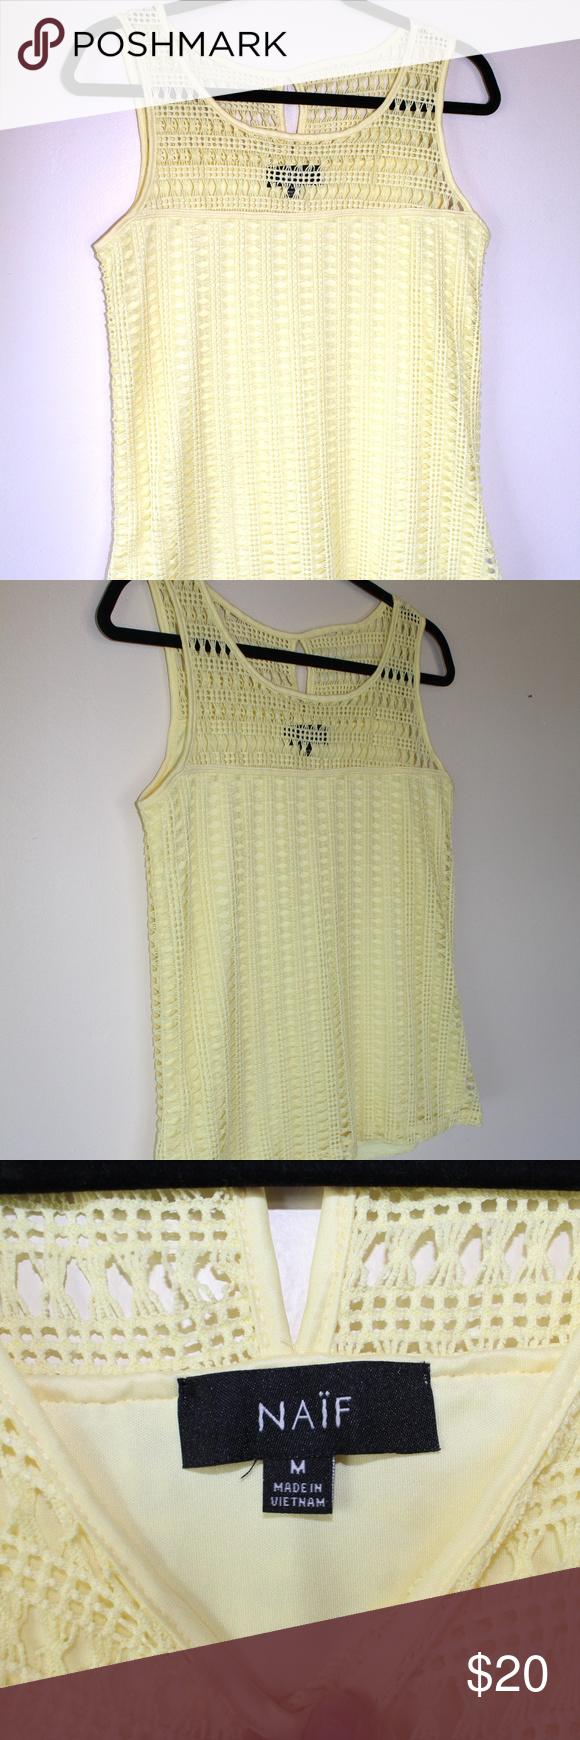 naif Montreal Medium Open Knit Sleeveless Top Yell naif Montreal Medium Open Knit Sleeveless Top Yellow naif Tops Blouses